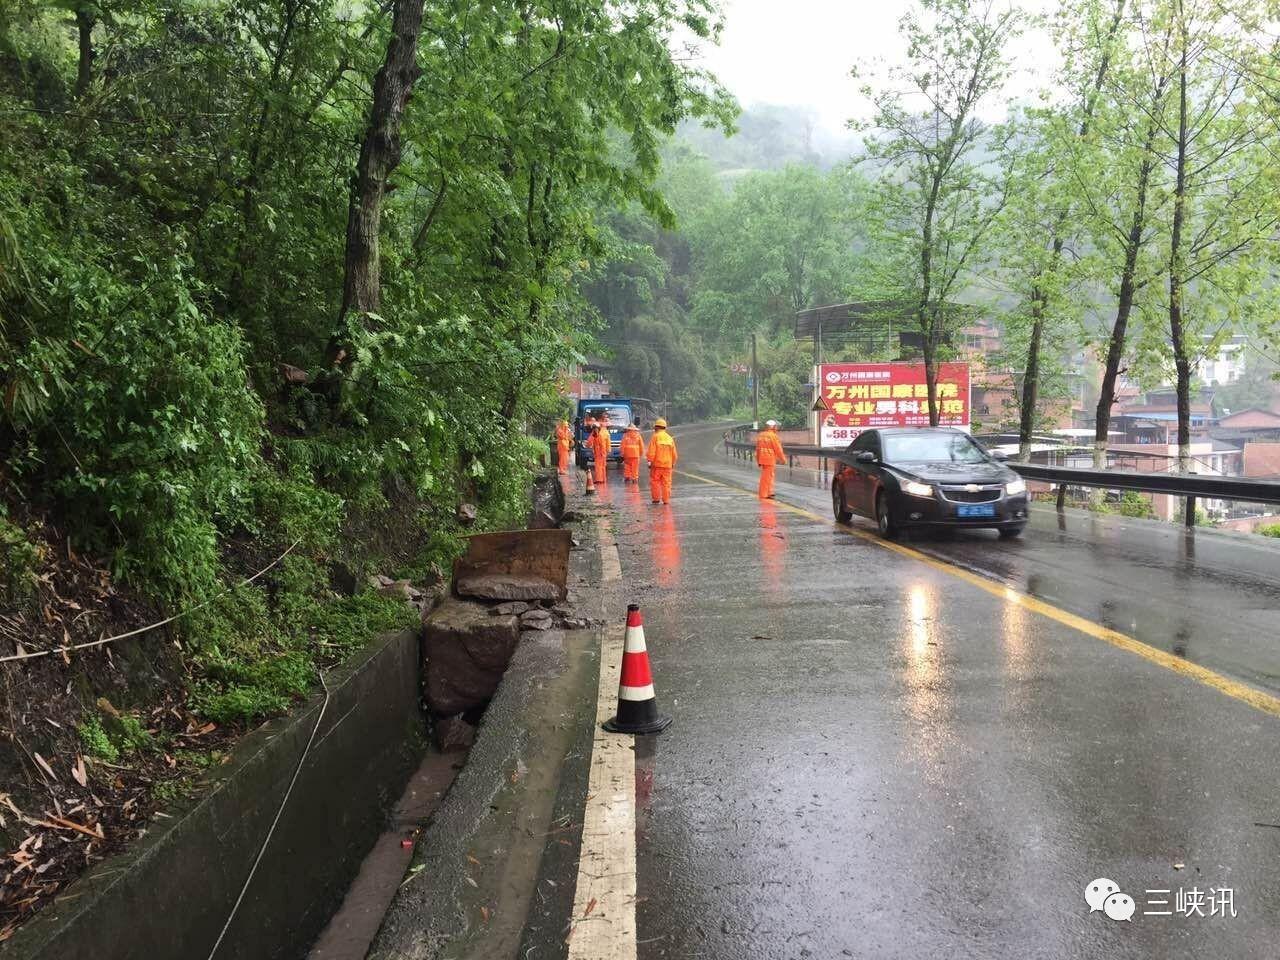 告急 暴雨袭击万州及周边,多地出现塌方滑坡泥石流 请大家注意安全